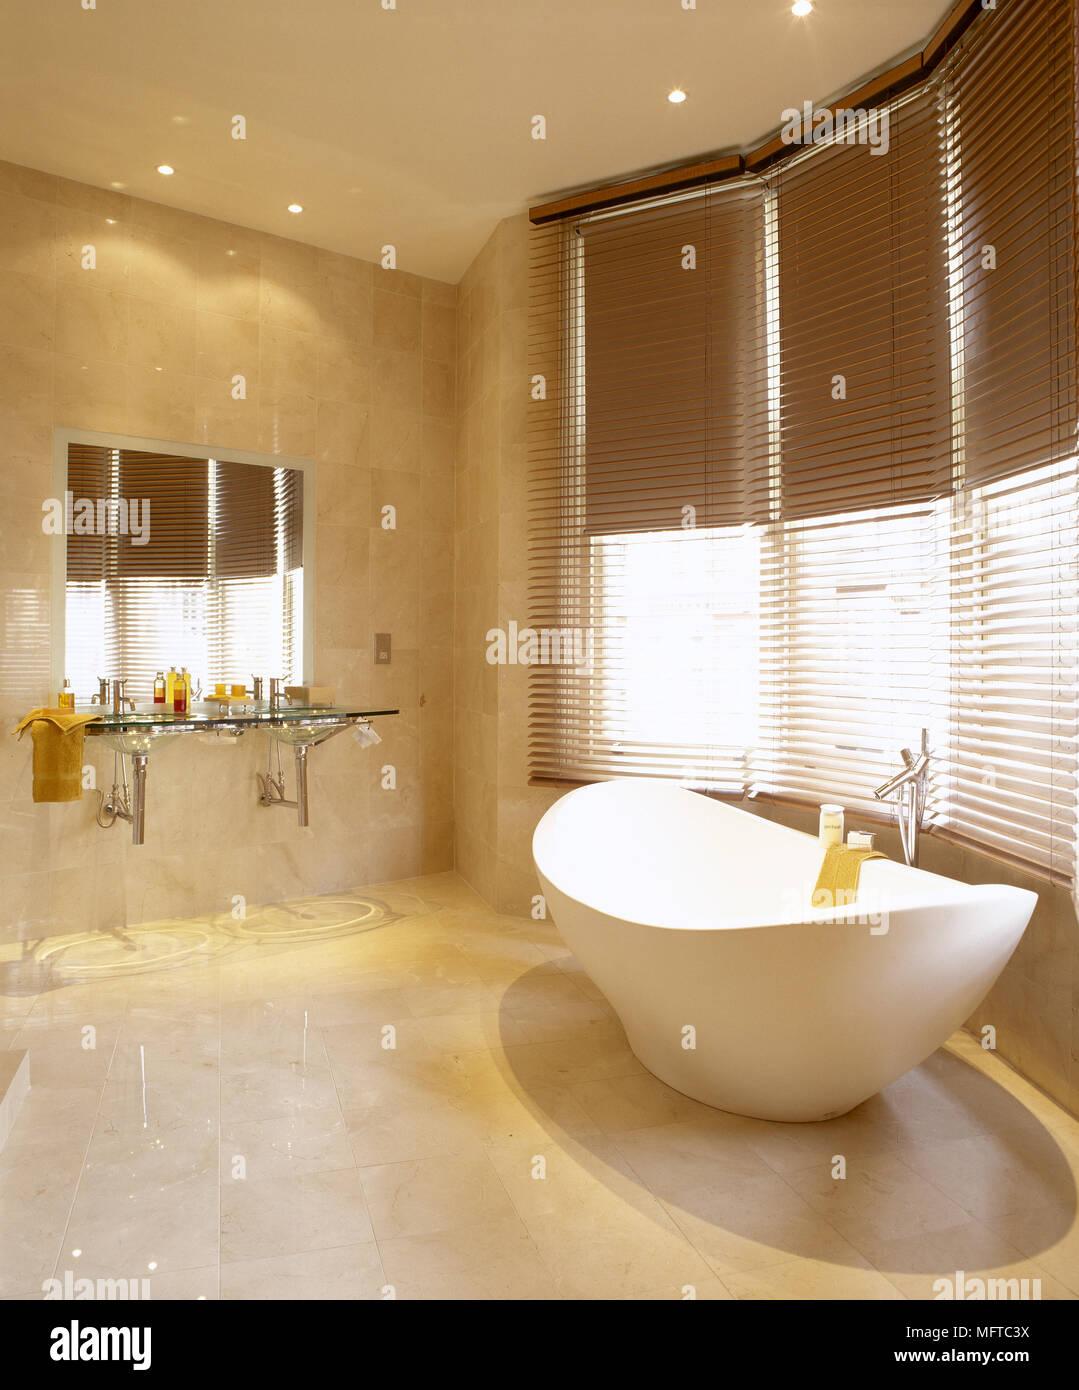 decorative glass block borders for a shower wall or windows.htm bathroom tiling bath monochromatic stock photos   bathroom tiling  bathroom tiling bath monochromatic